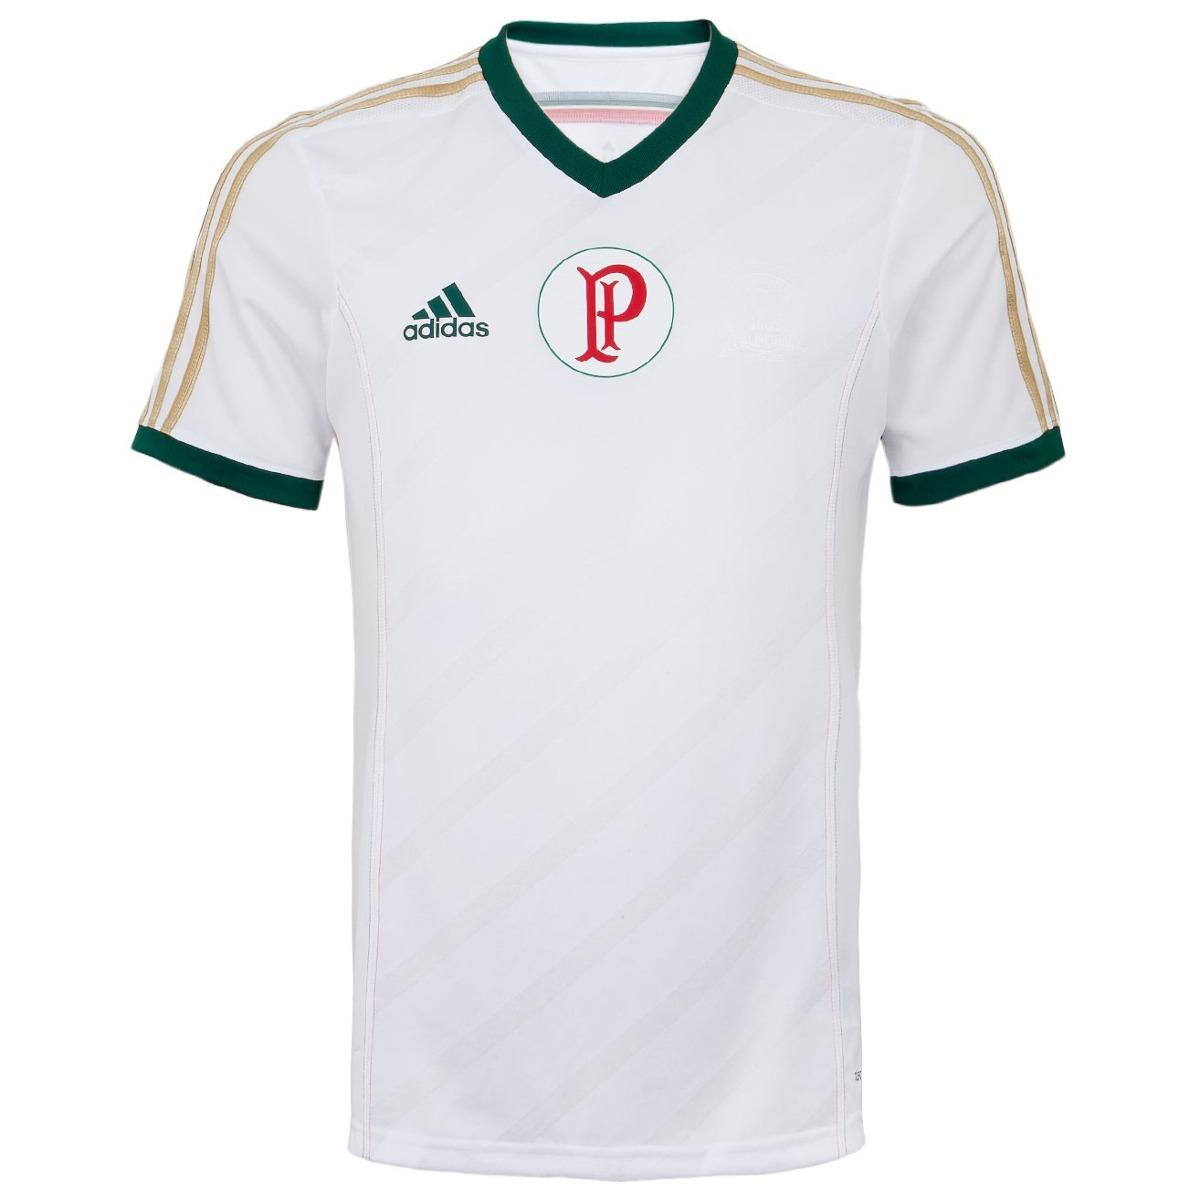 b44d5d4f3ac83 camisa adidas palmeiras 2014 jogador orig oficial de 350 por. Carregando  zoom.